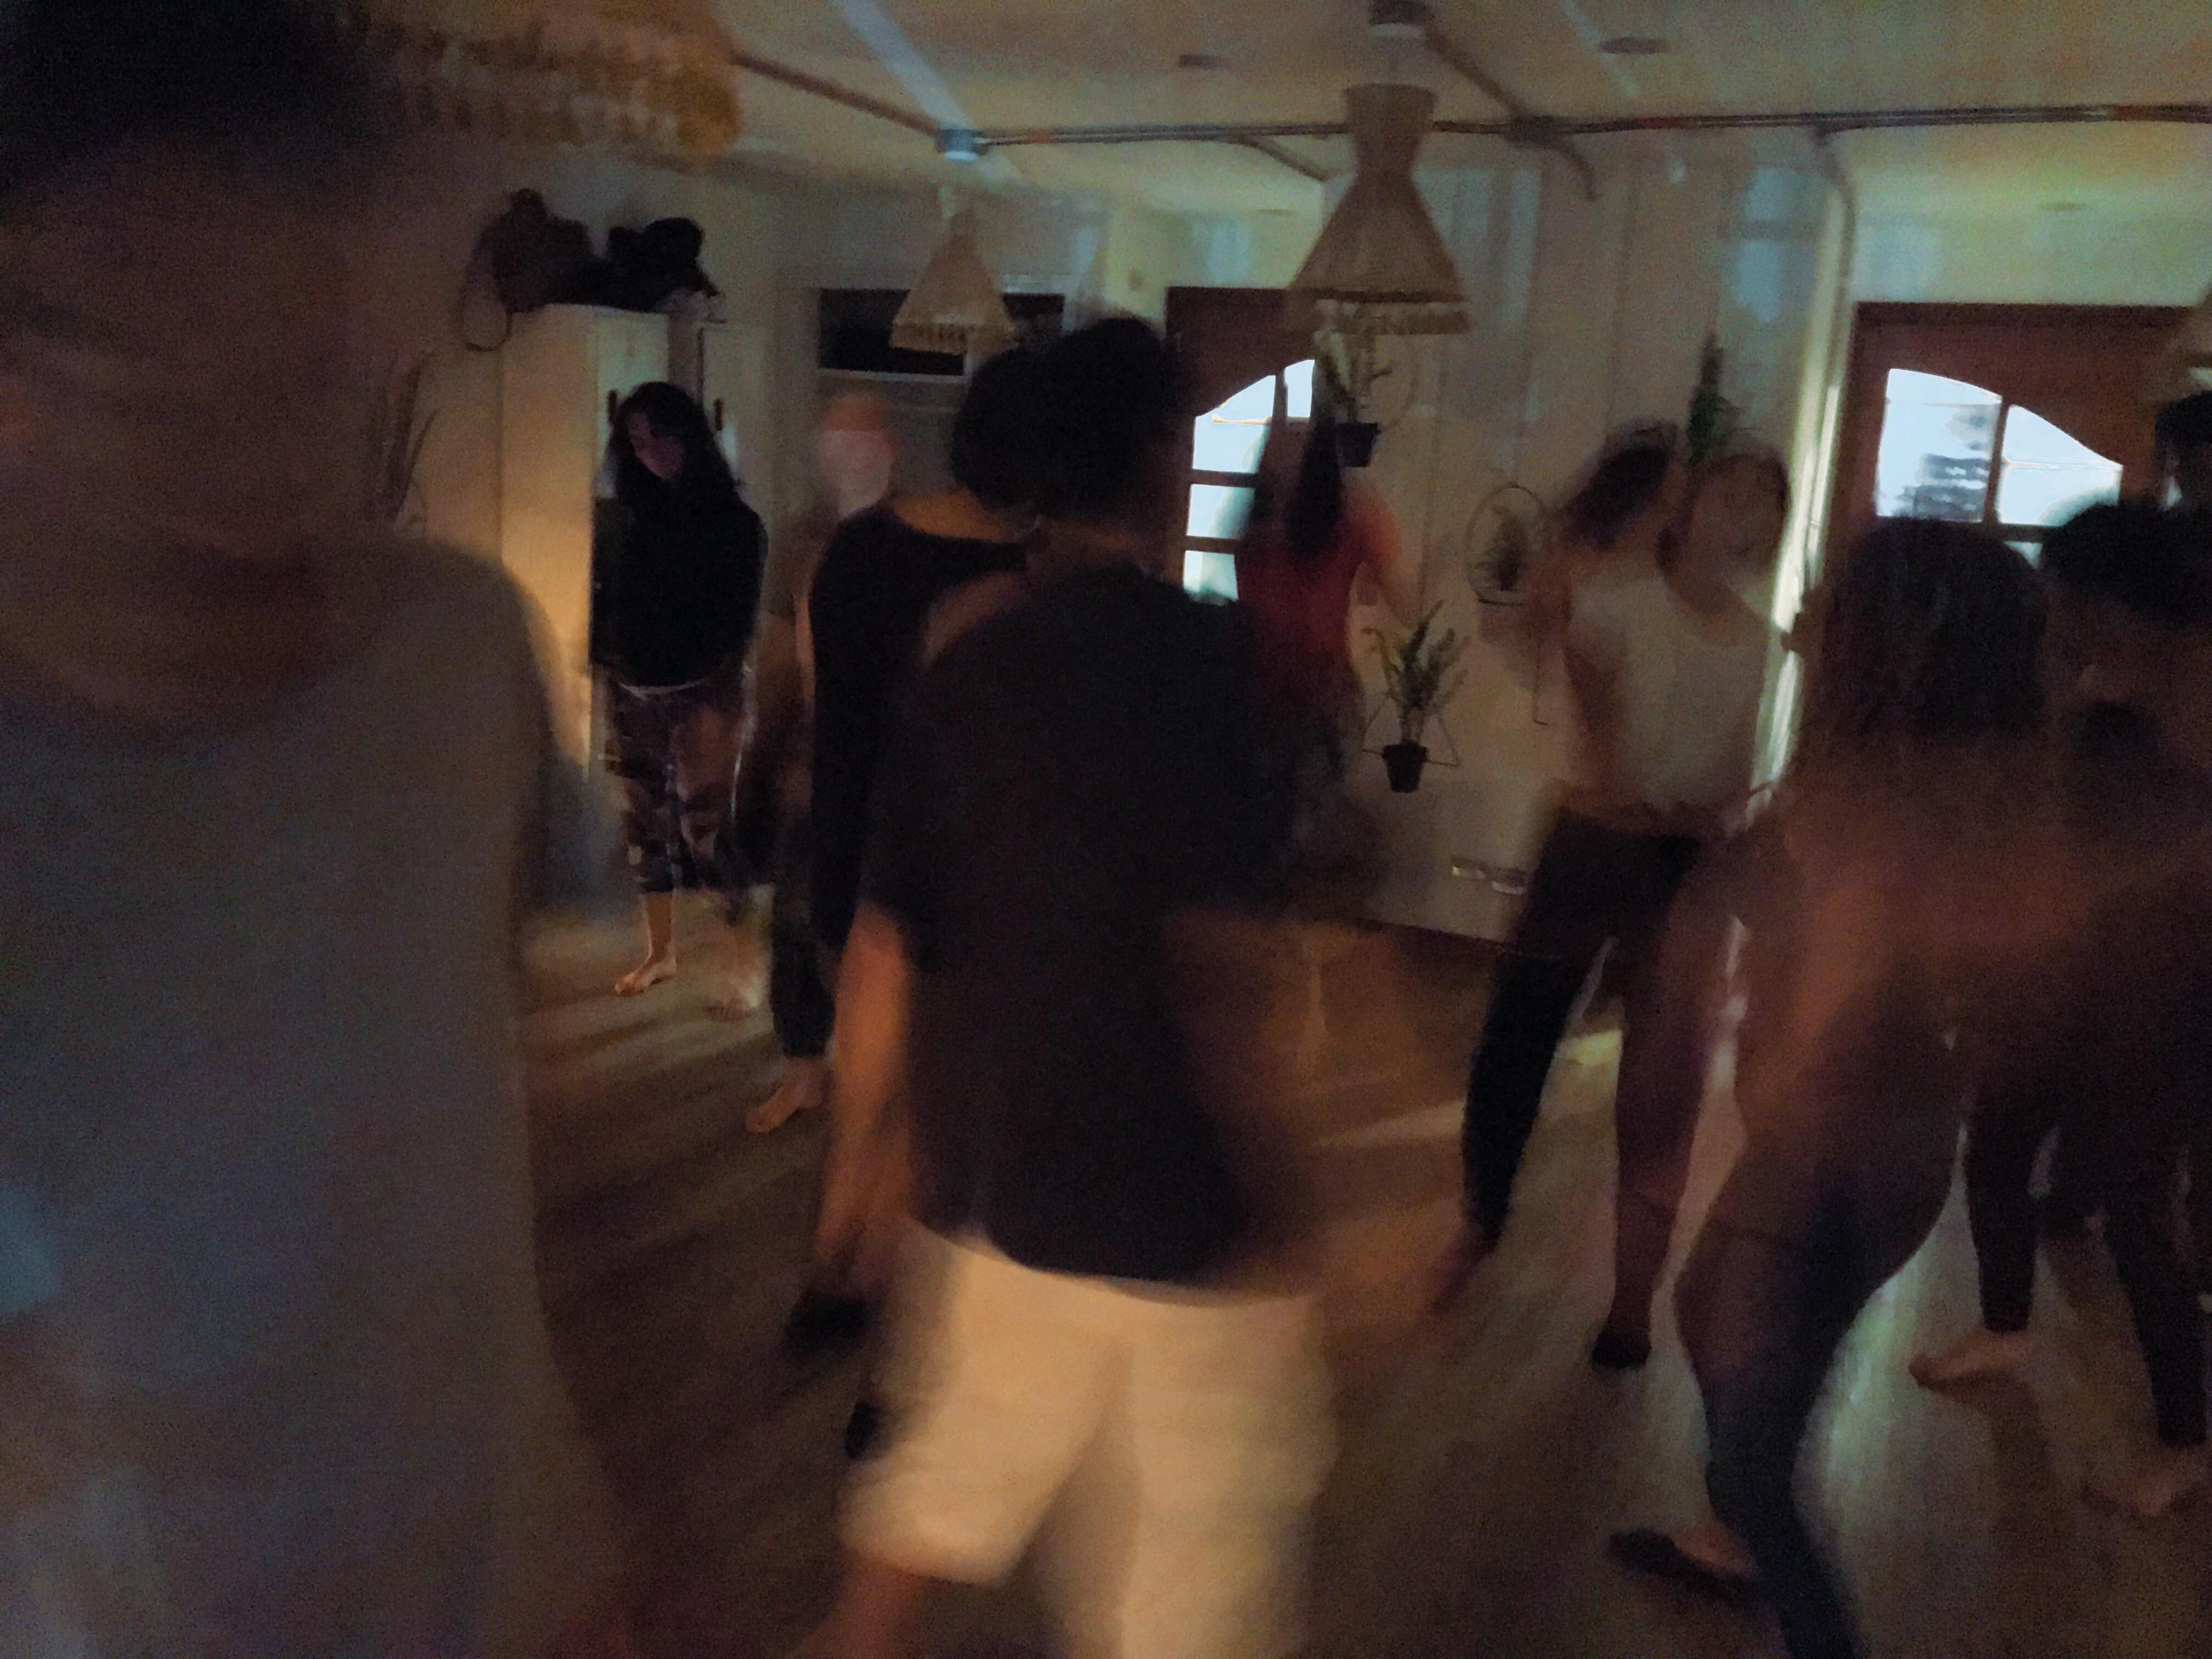 ecstatic_dance_colombiace6c3d7d-254e-498a-a02a-869d8cad7ce4.jpg